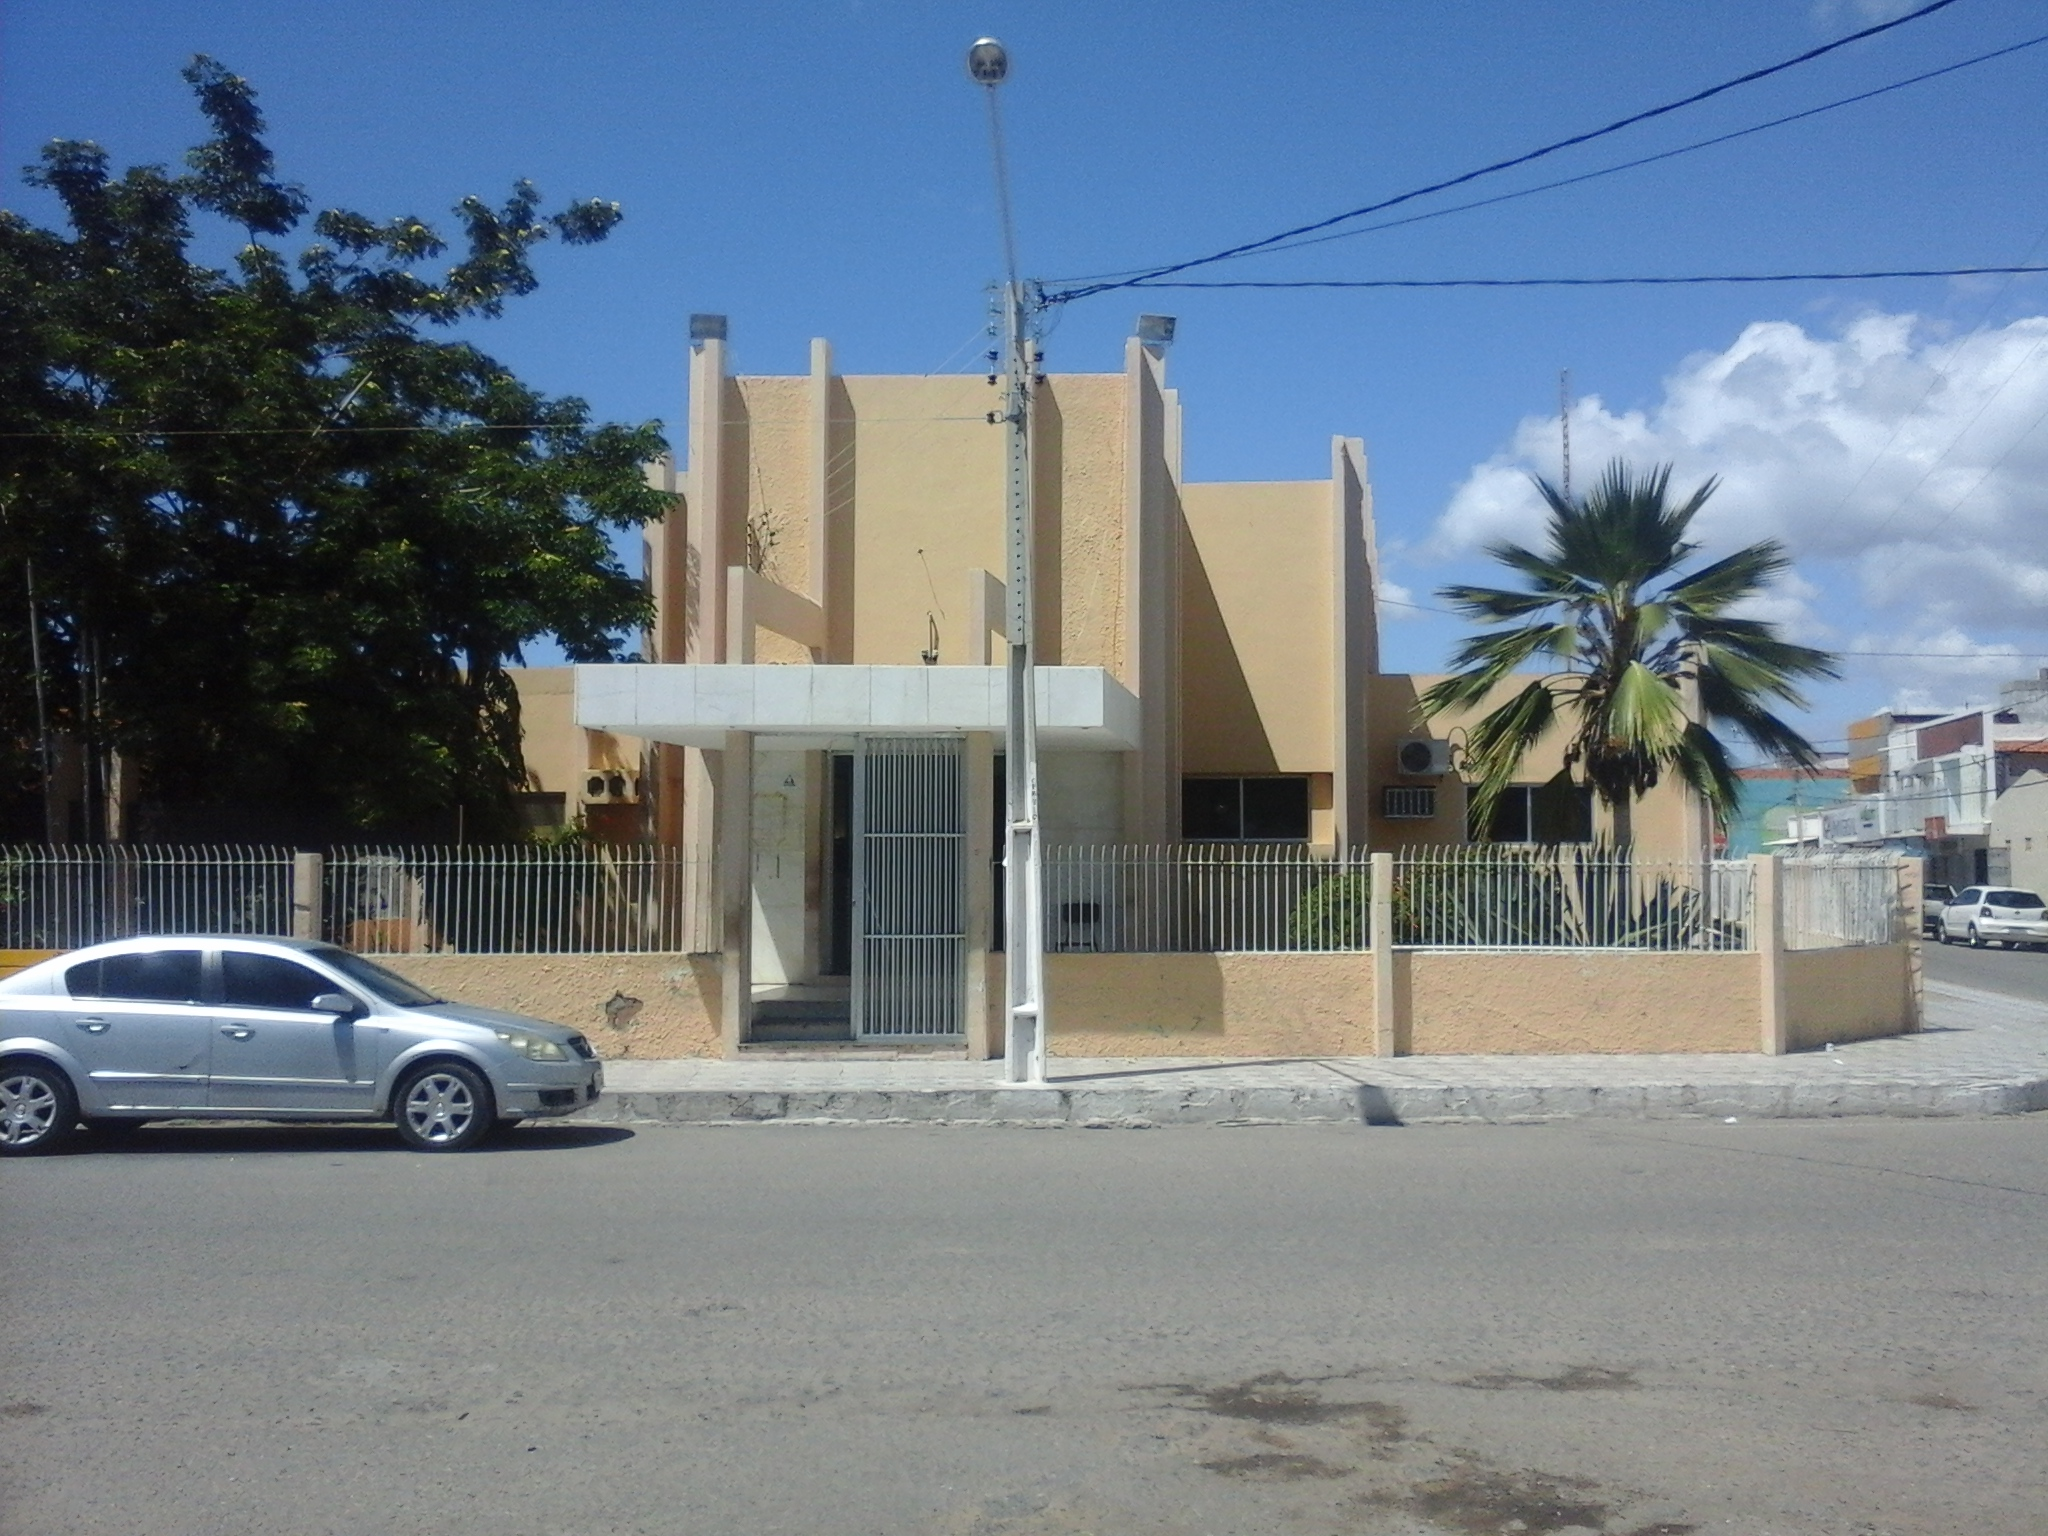 Próximo ocupante do Palacete Municipal será eleito no dia 2 de outubro (Foto: Luciano Oliveira)